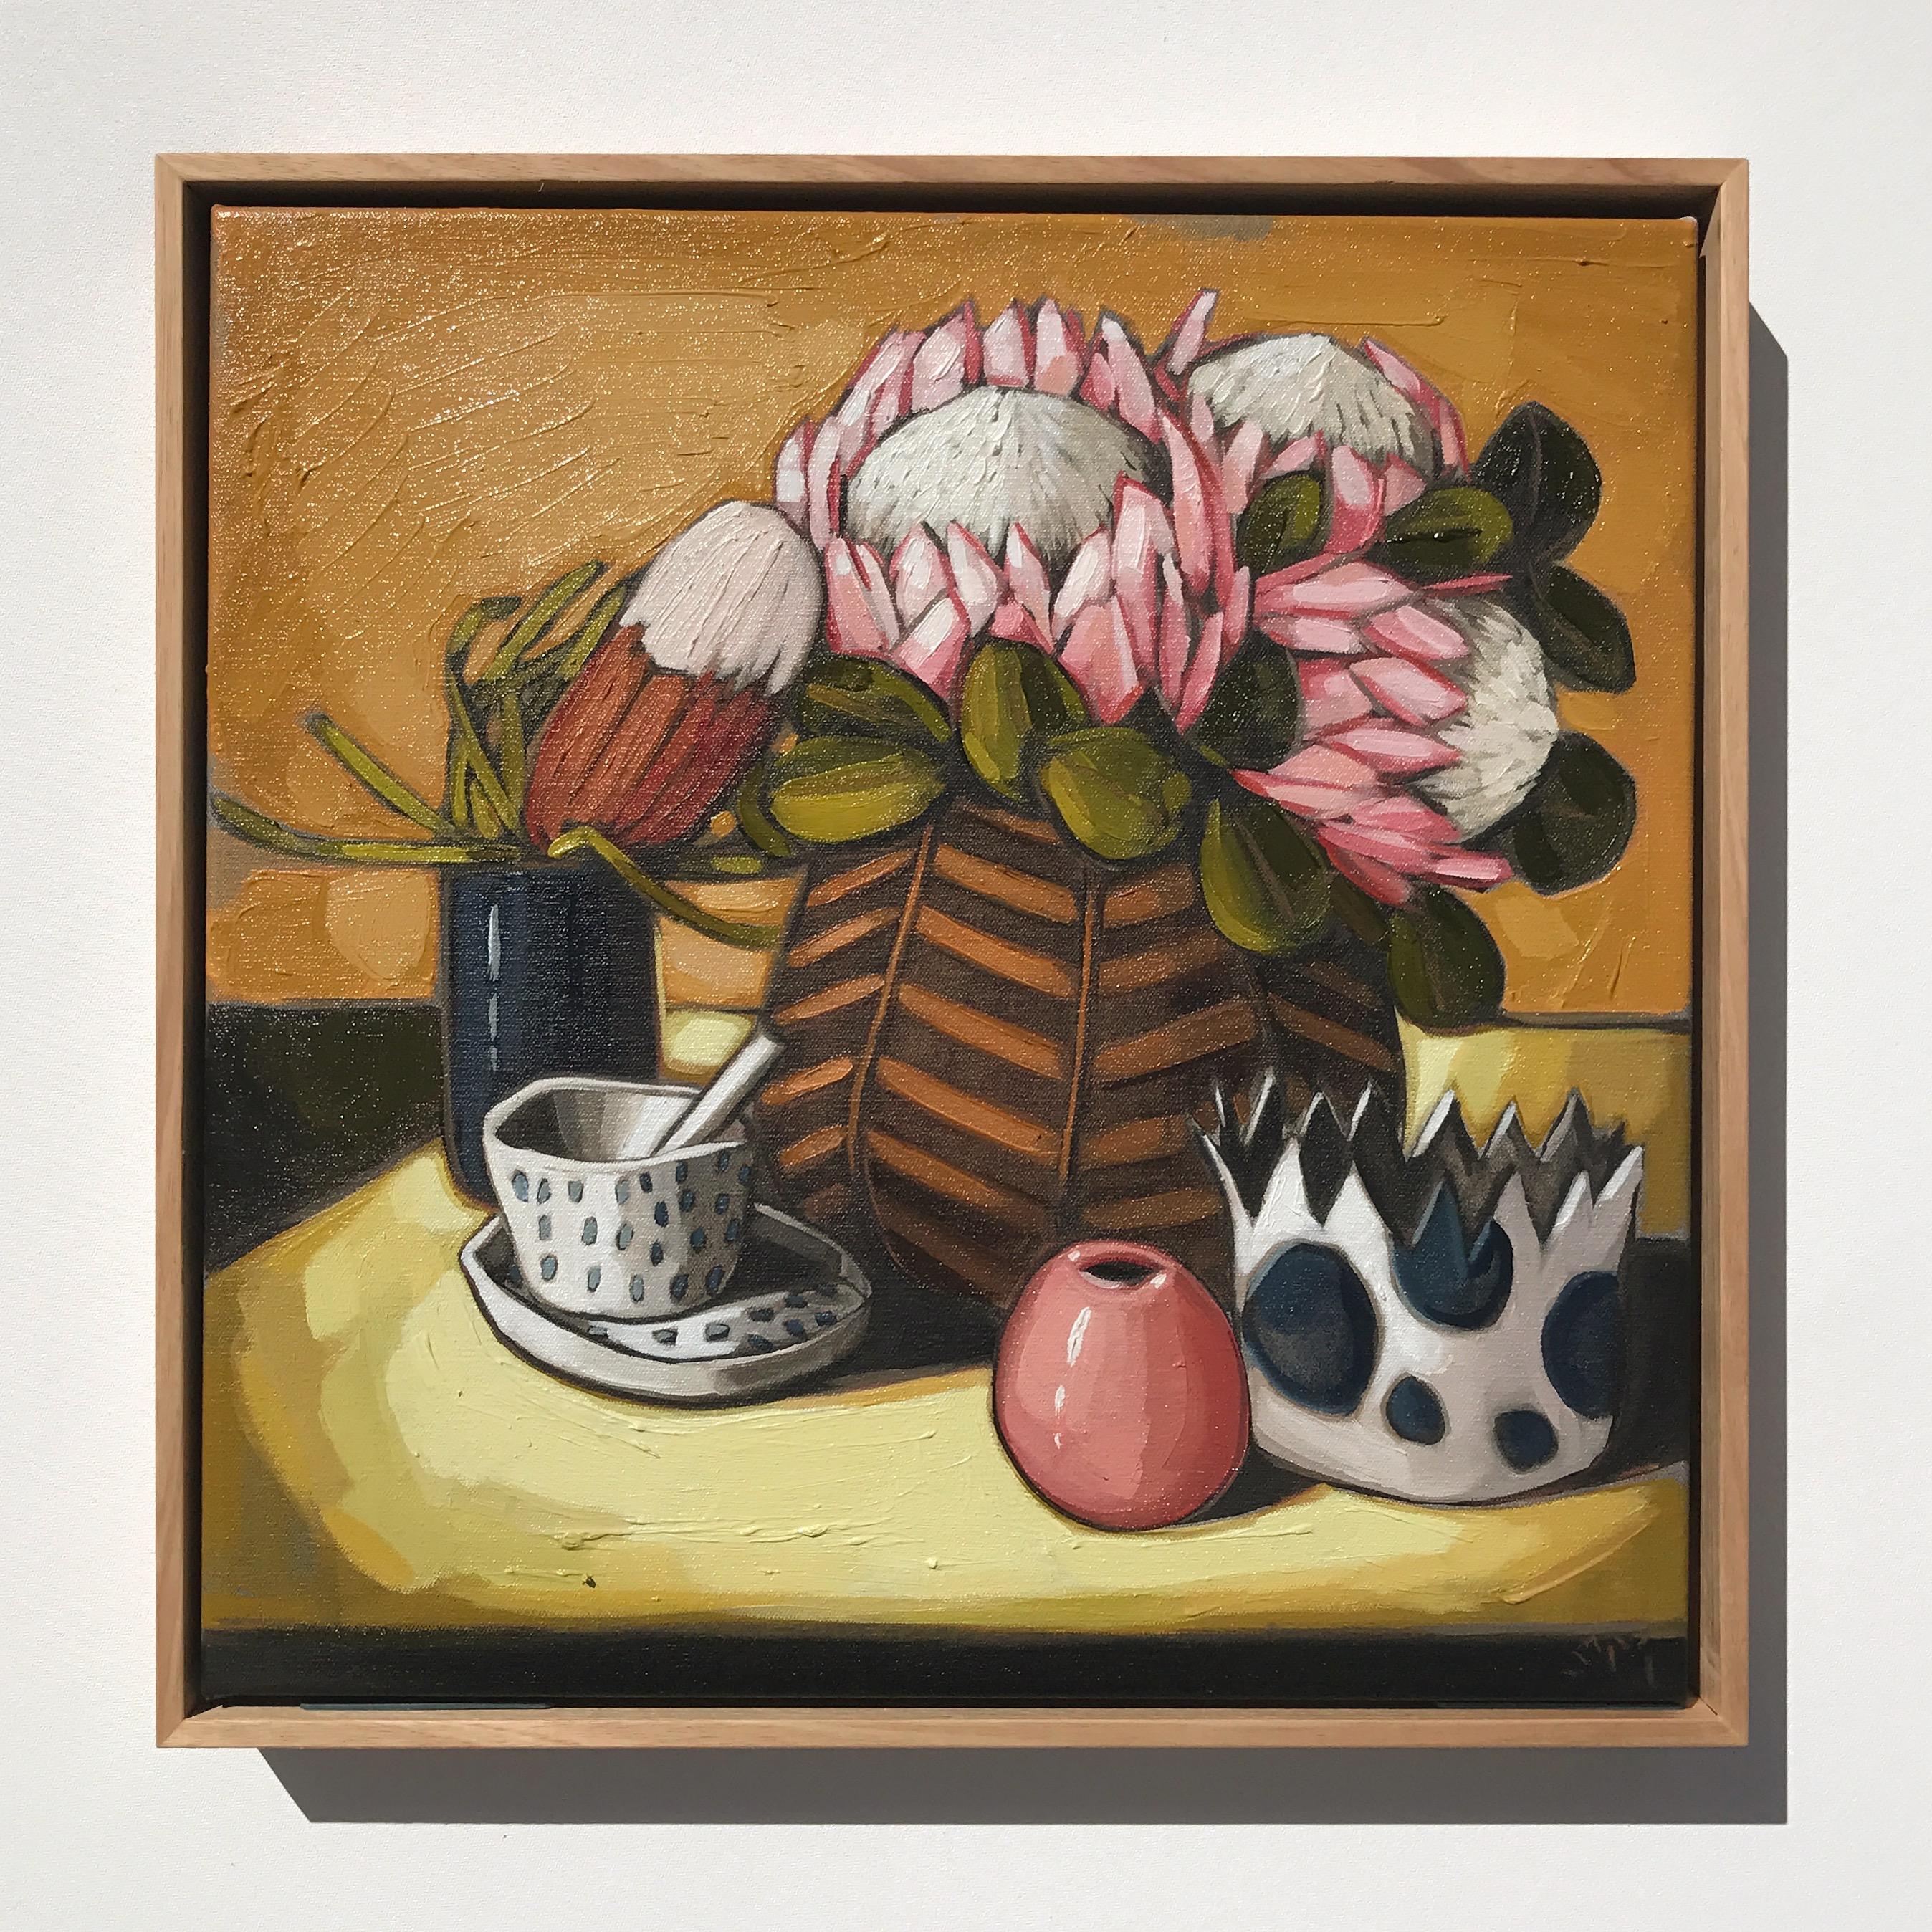 12_17 EMPEREUR 'Proteas, Banksia & Vessels' 45x45cm $1,395